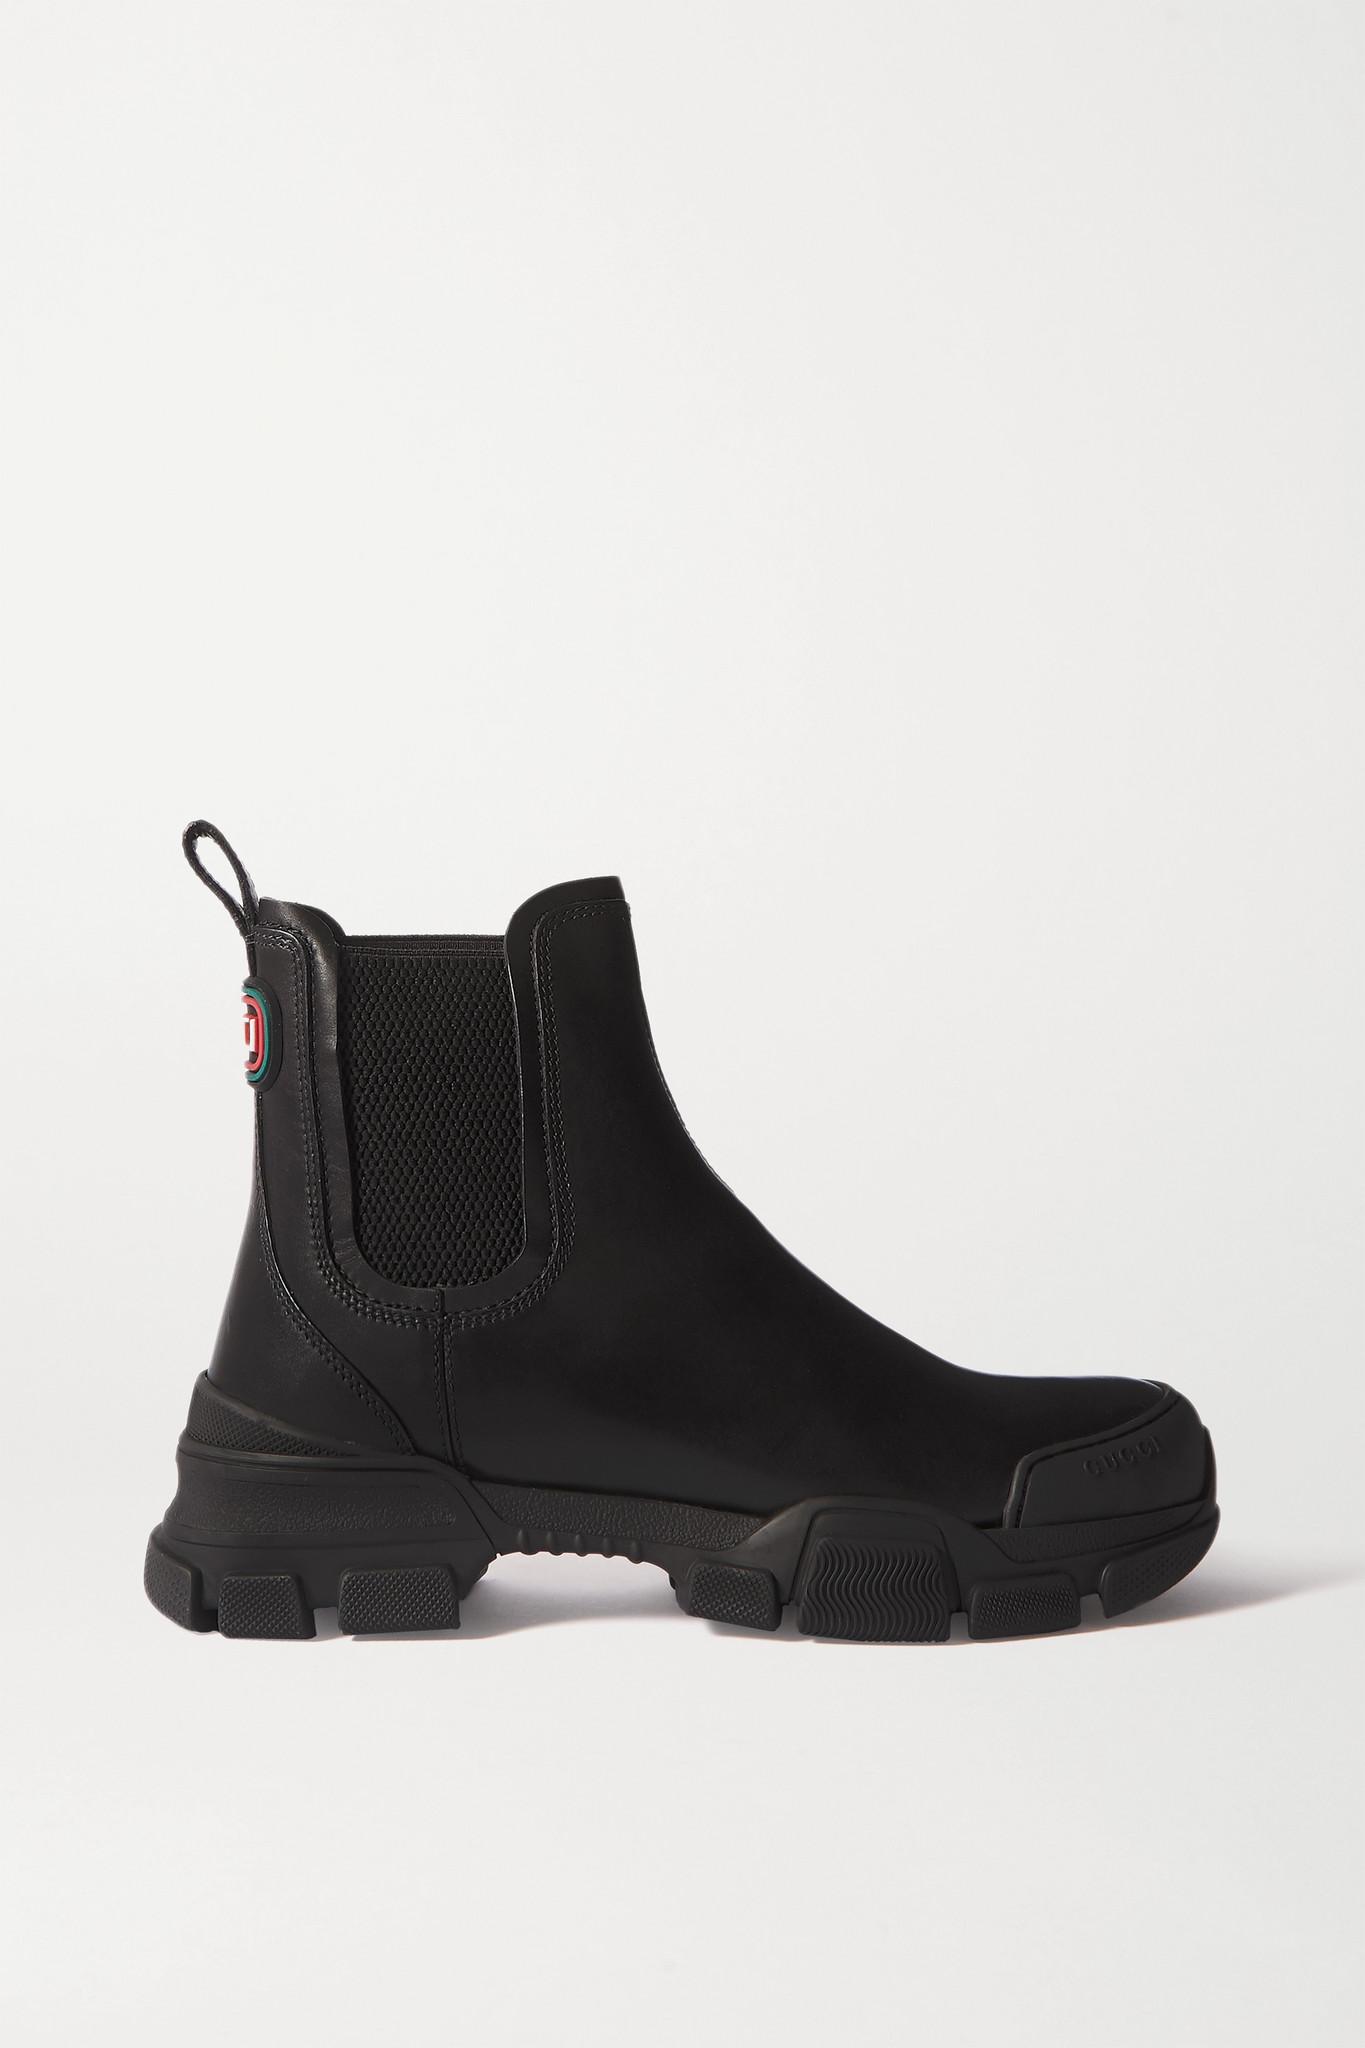 GUCCI - Leon 皮革切尔西靴 - 黑色 - IT41